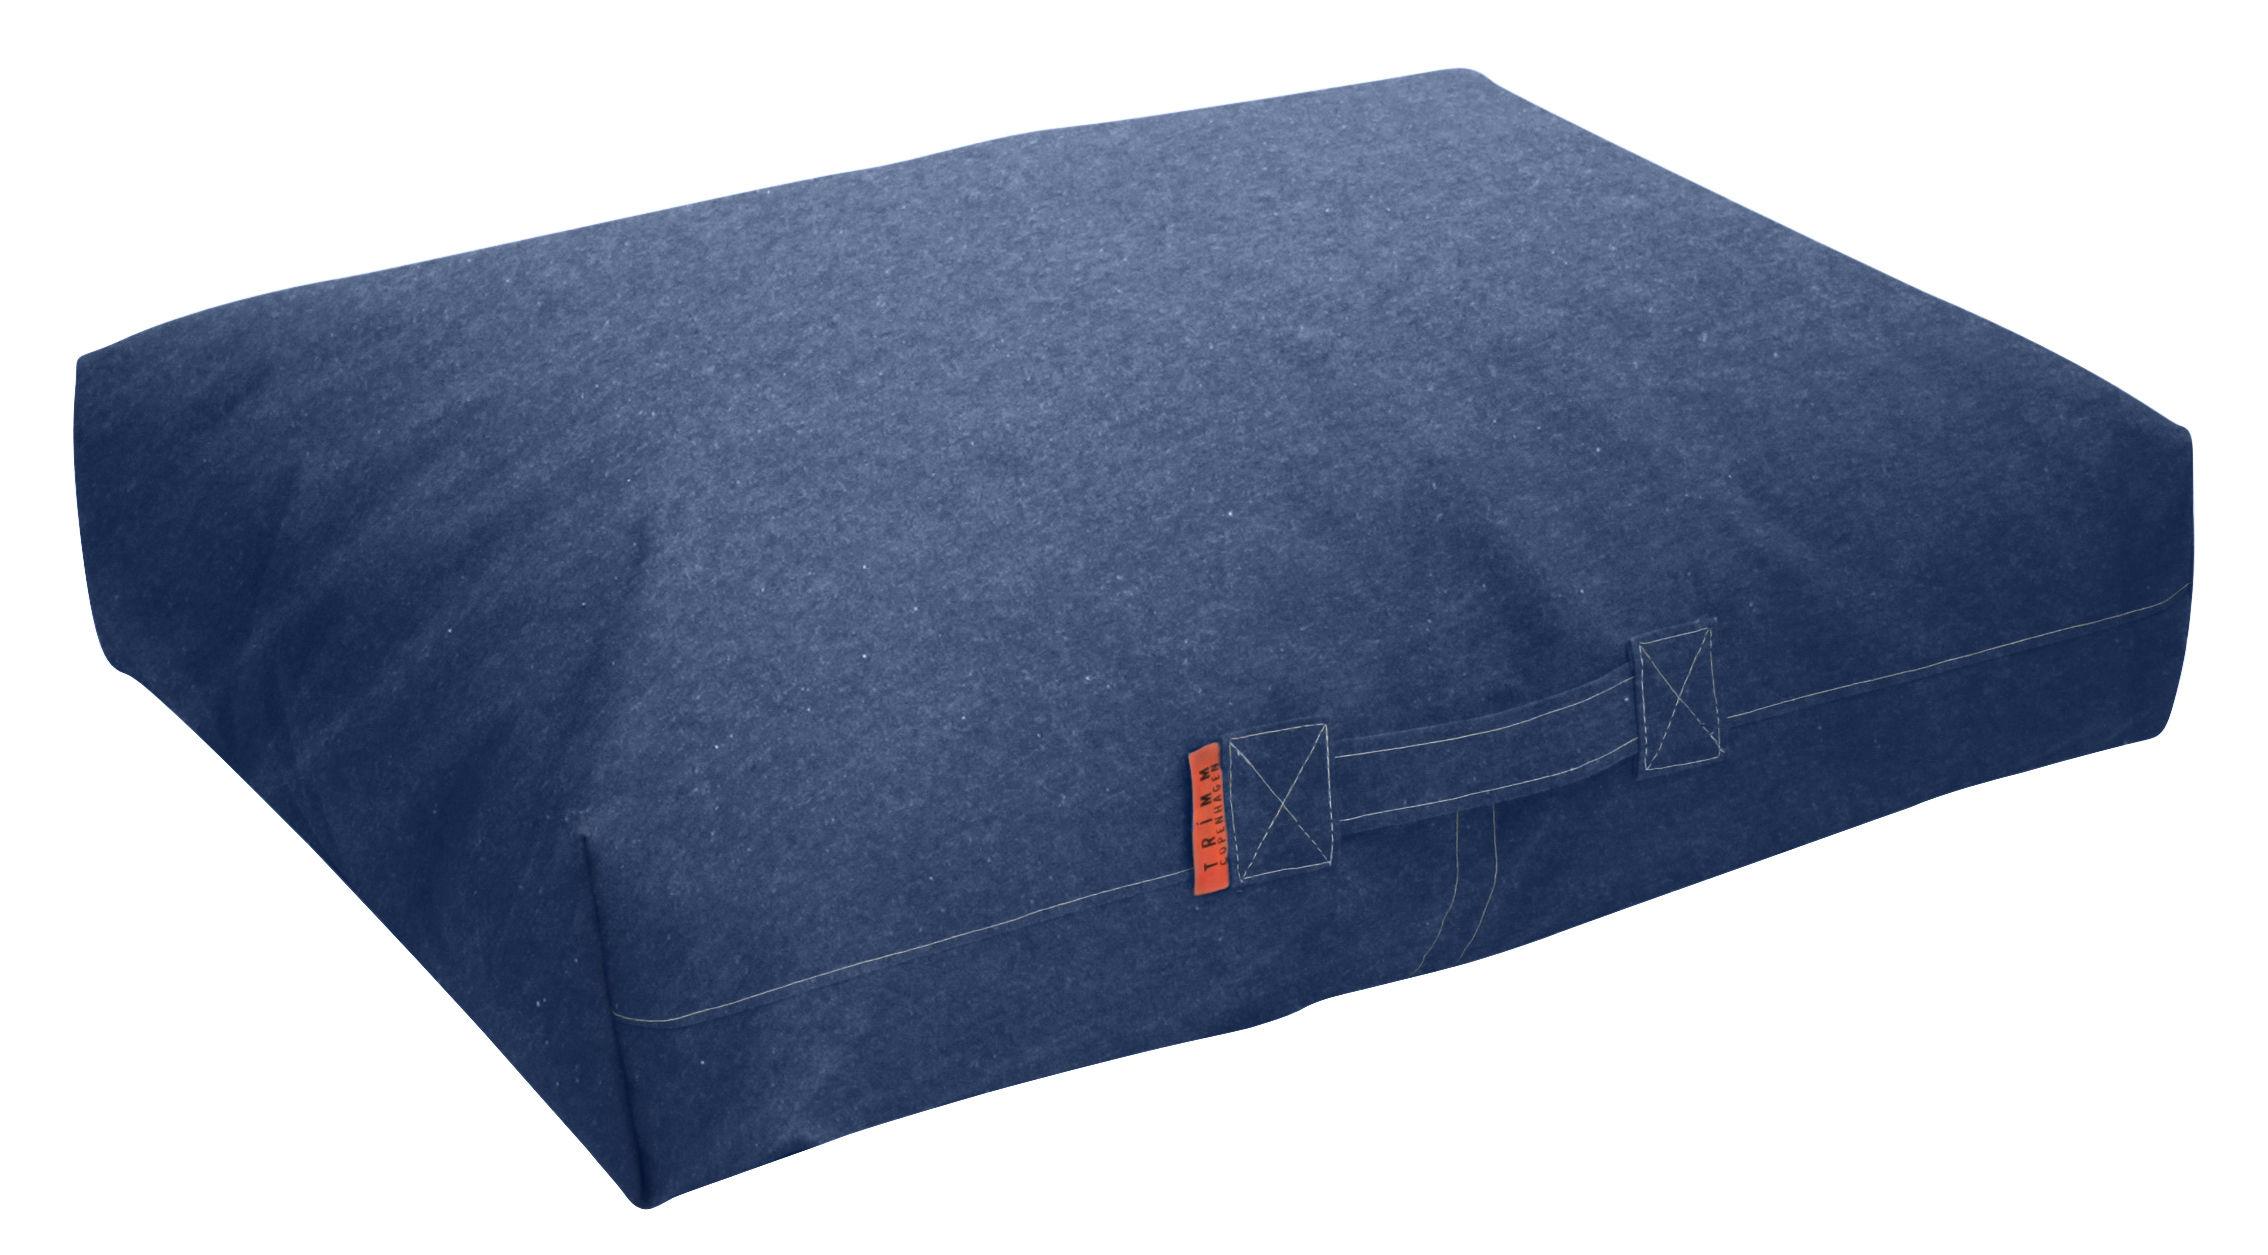 coussin de sol felix outdoor 80 x 56 cm bleu trimm copenhagen. Black Bedroom Furniture Sets. Home Design Ideas